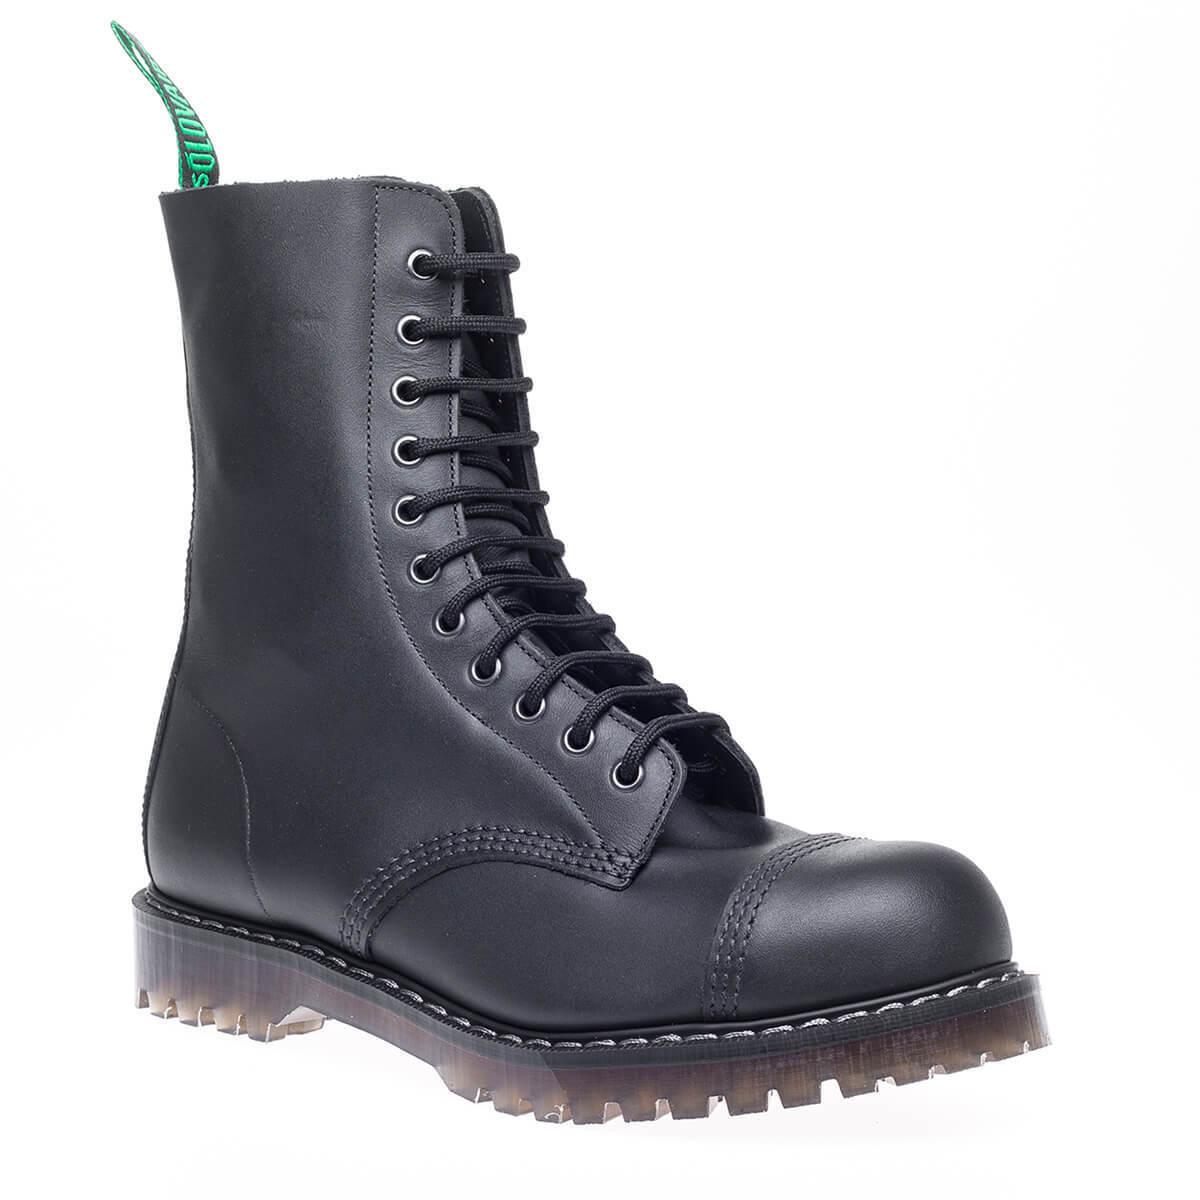 Solovair hecho Reino Unido para hombre Negro Cuero Graso Puntera De Acero botas De Combate Derby